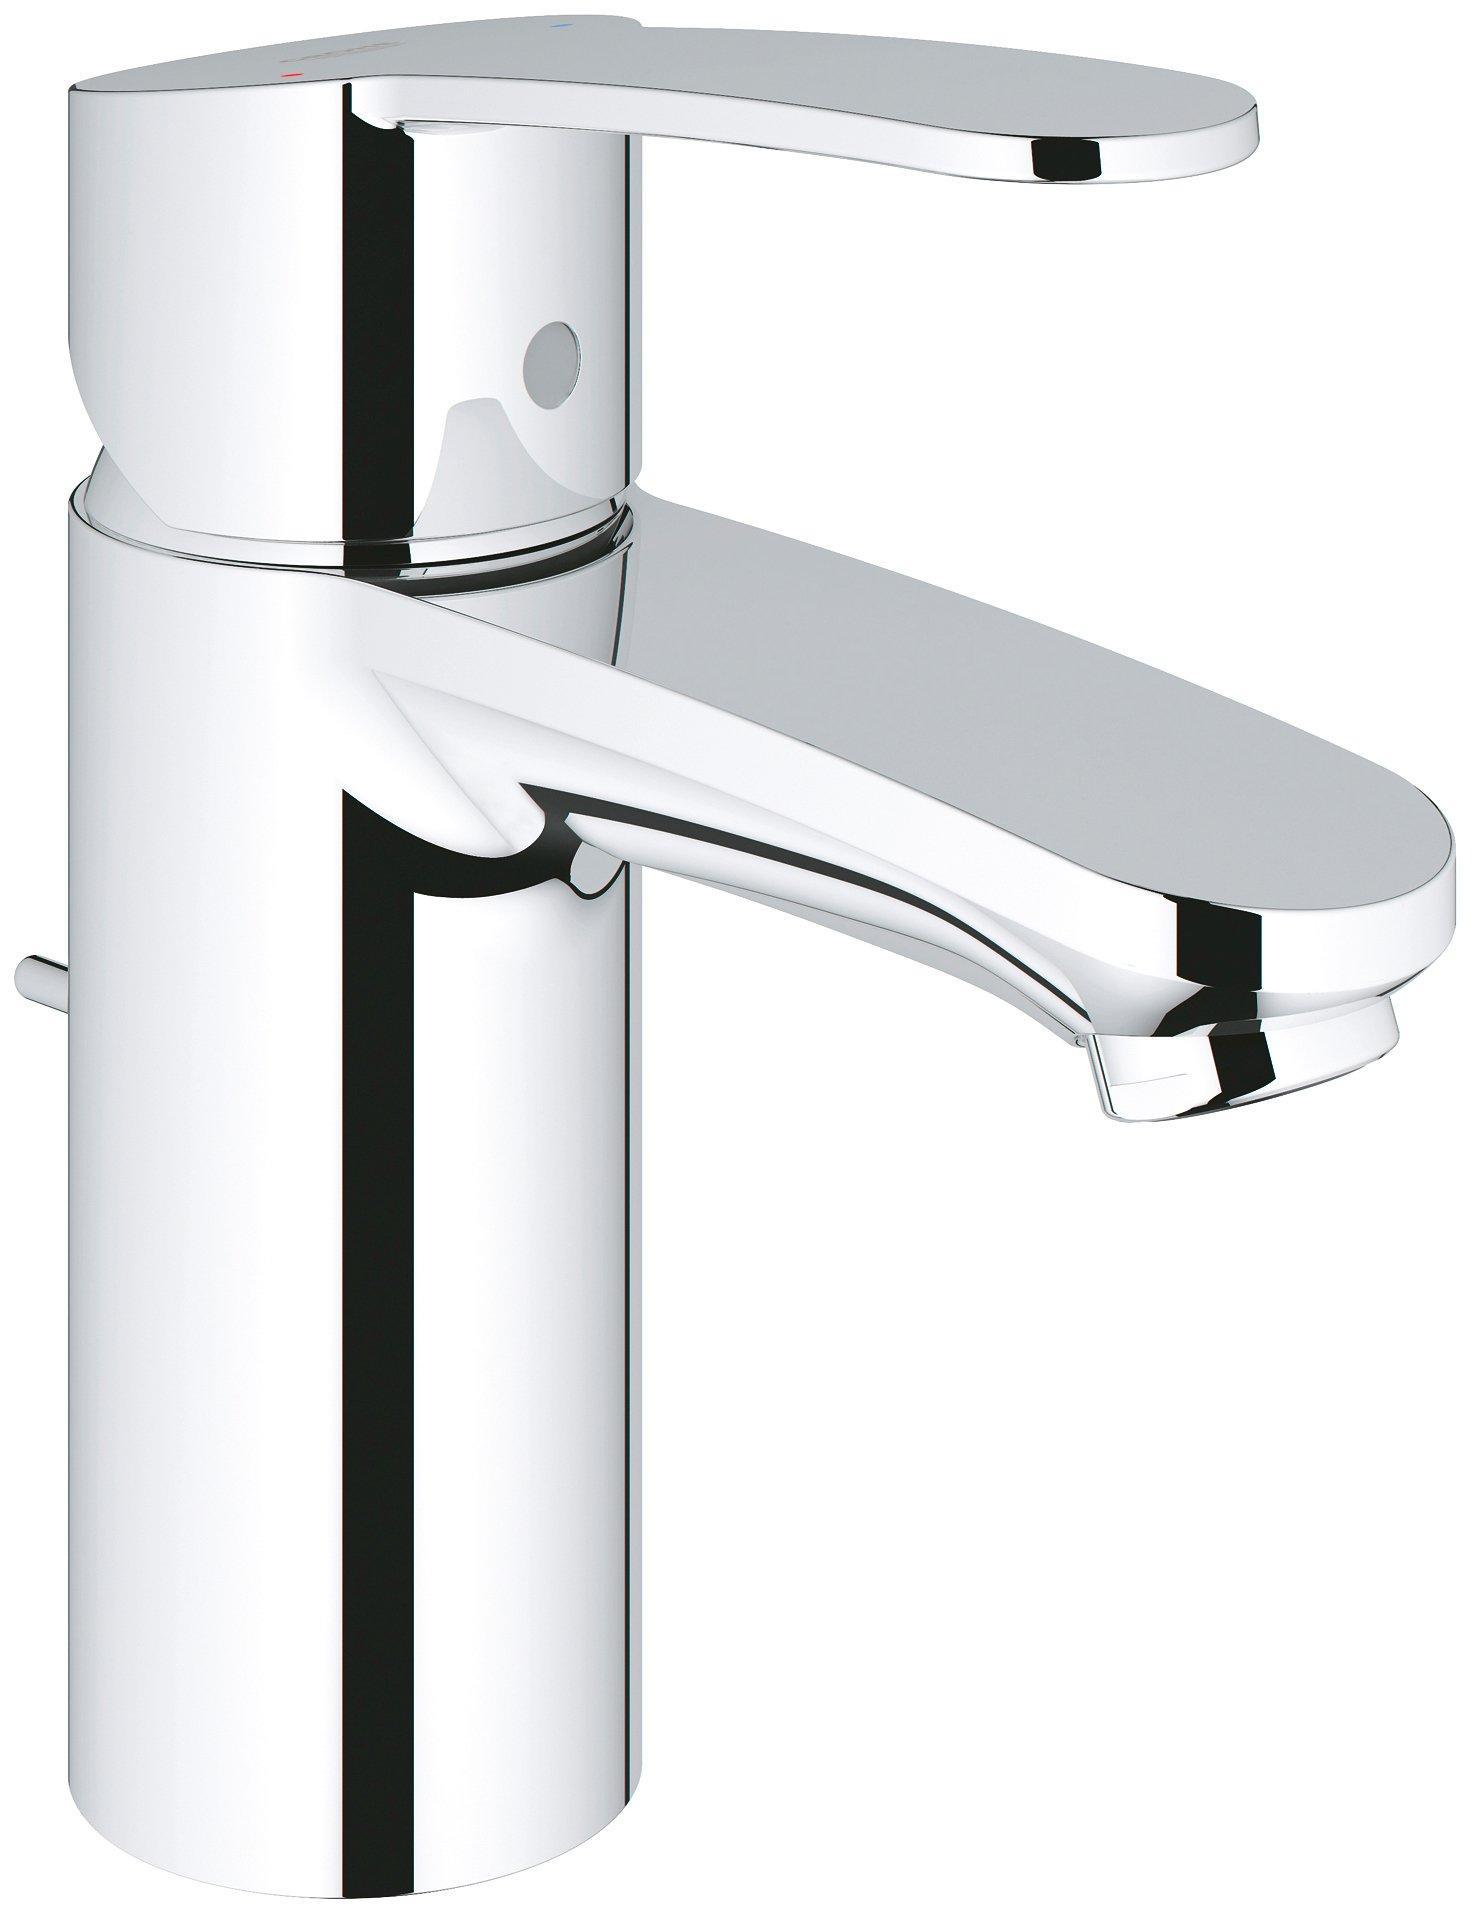 Full Size of Grohe Wasserhahn Waschtischarmatur Eurostyle Cosmopolitan Küche Thermostat Dusche Wandanschluss Für Bad Wohnzimmer Grohe Wasserhahn